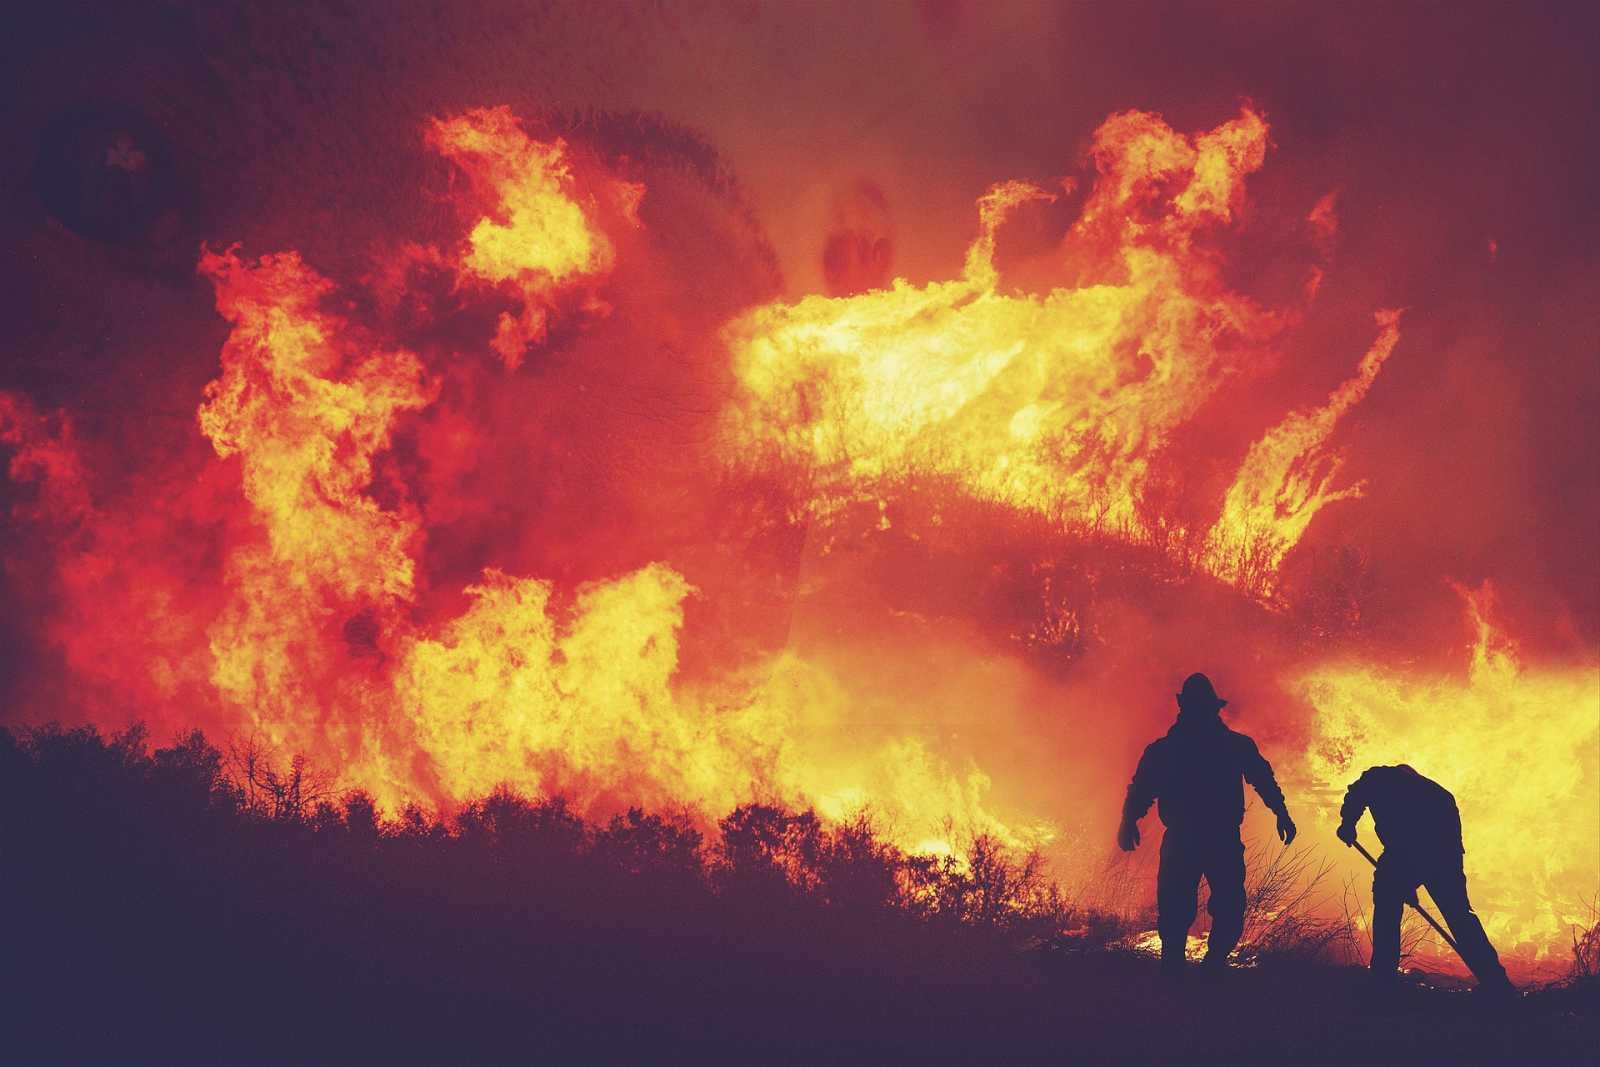 Vida Verda/Emergència Climàtica - El país que cal per fer front a les emergències que venen